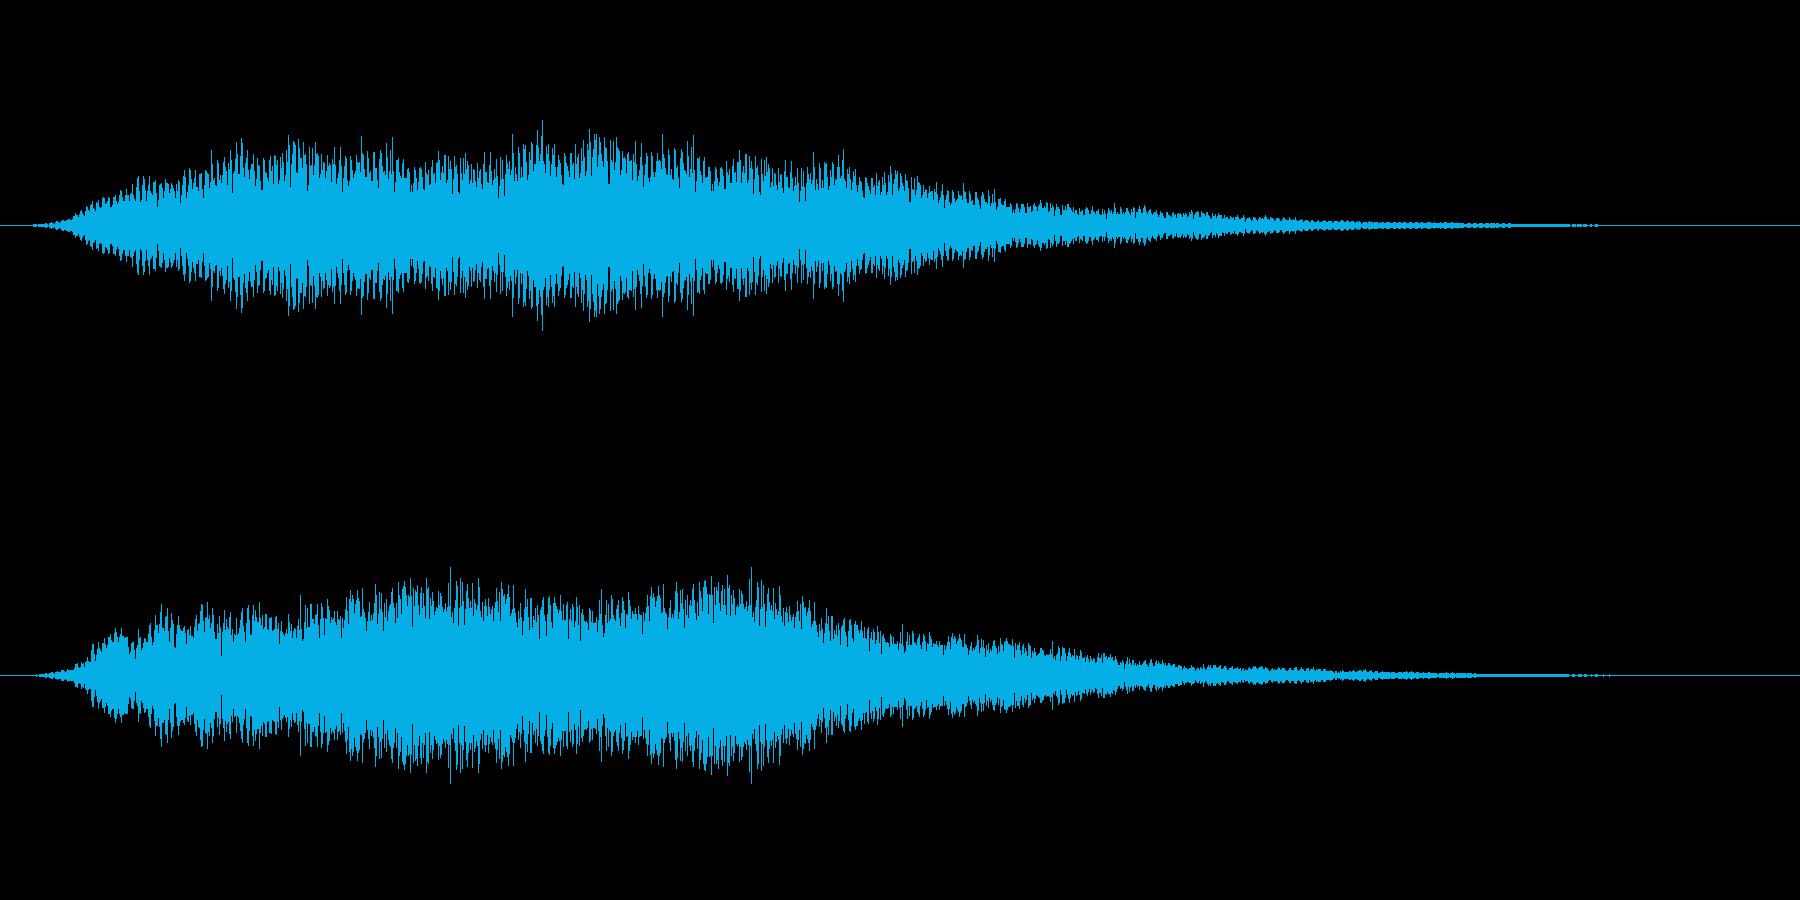 【効果音】怪談、心霊、オカルト用効果音の再生済みの波形